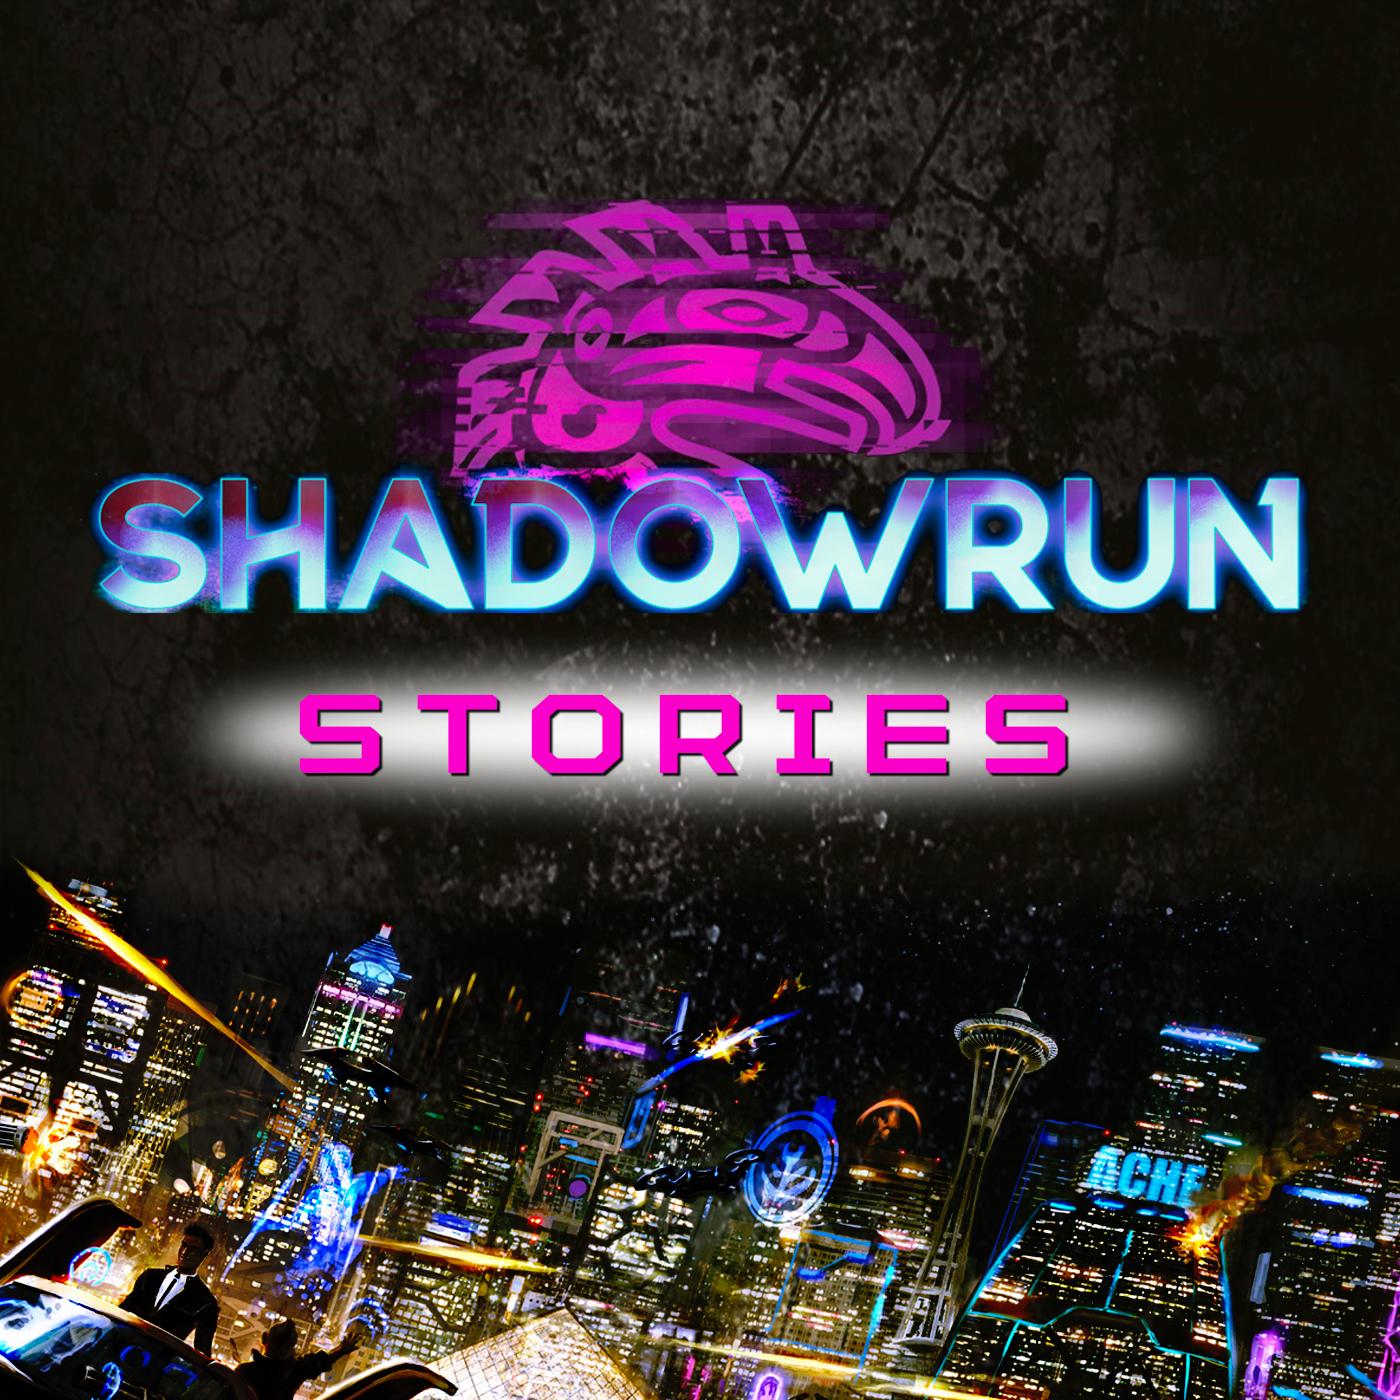 Shadowrun Stories